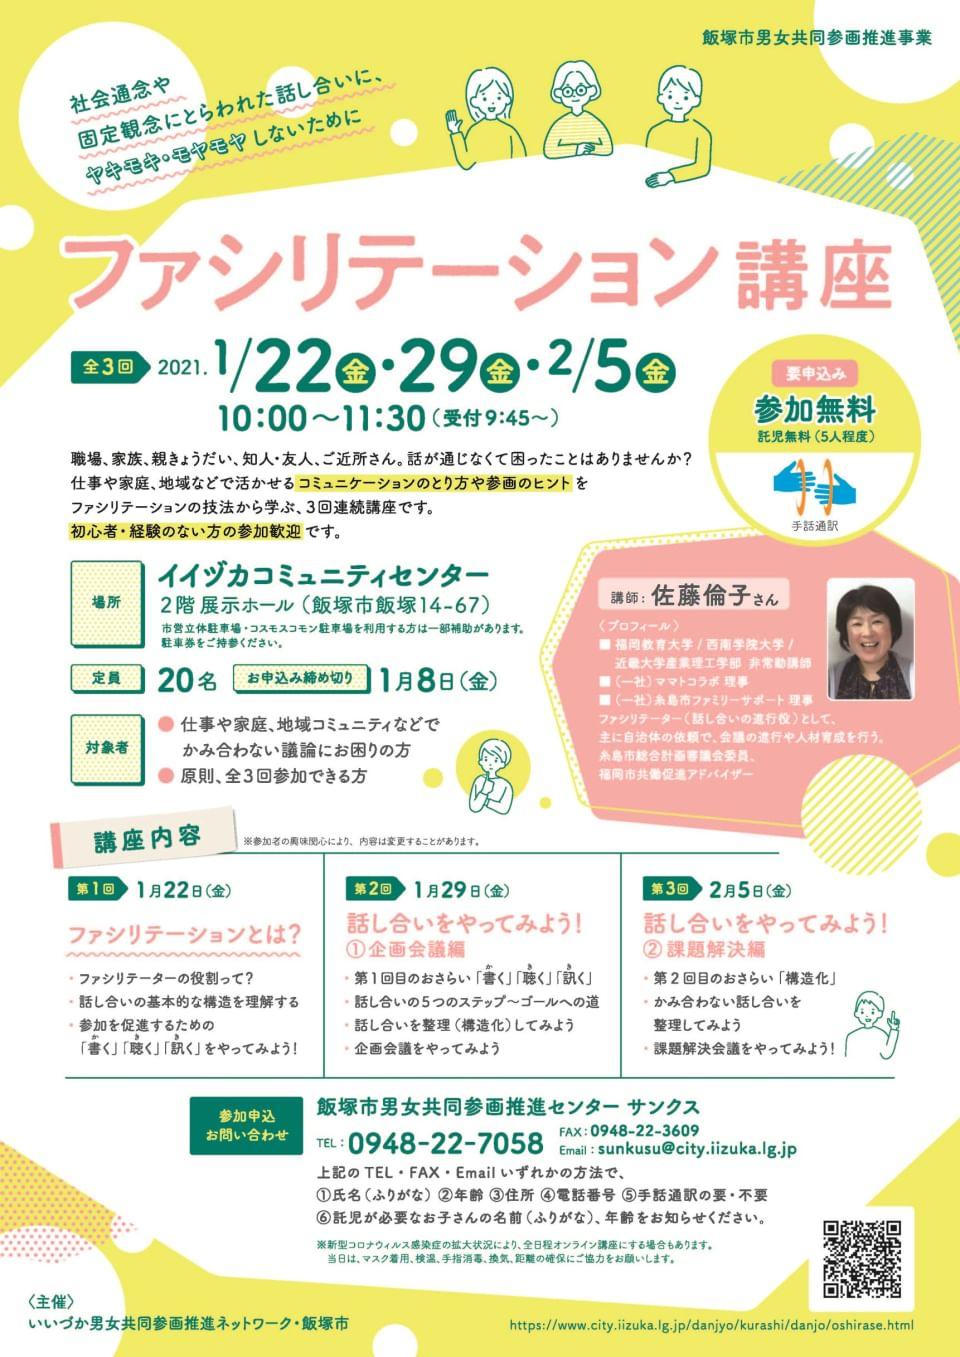 市 情報 最新 者 コロナ 飯塚 感染 福岡県内での発生状況